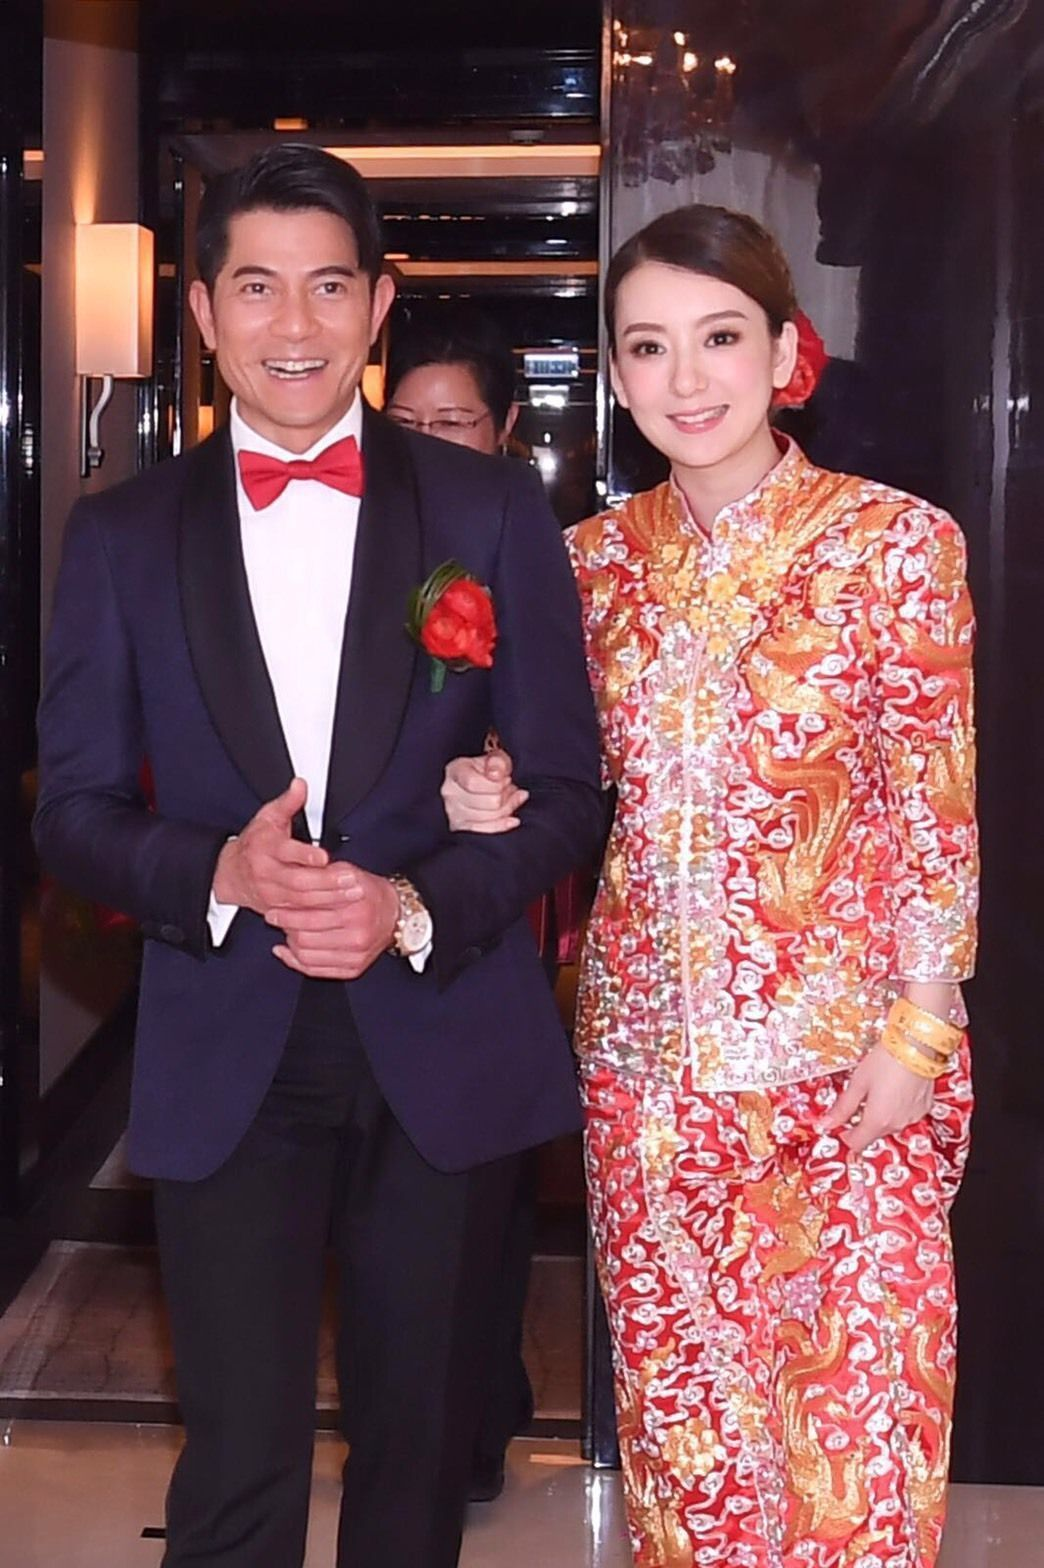 郭富城(左)與方媛(右)日前喜迎一女娃,剛當上新手父母。圖/小美工作室提供